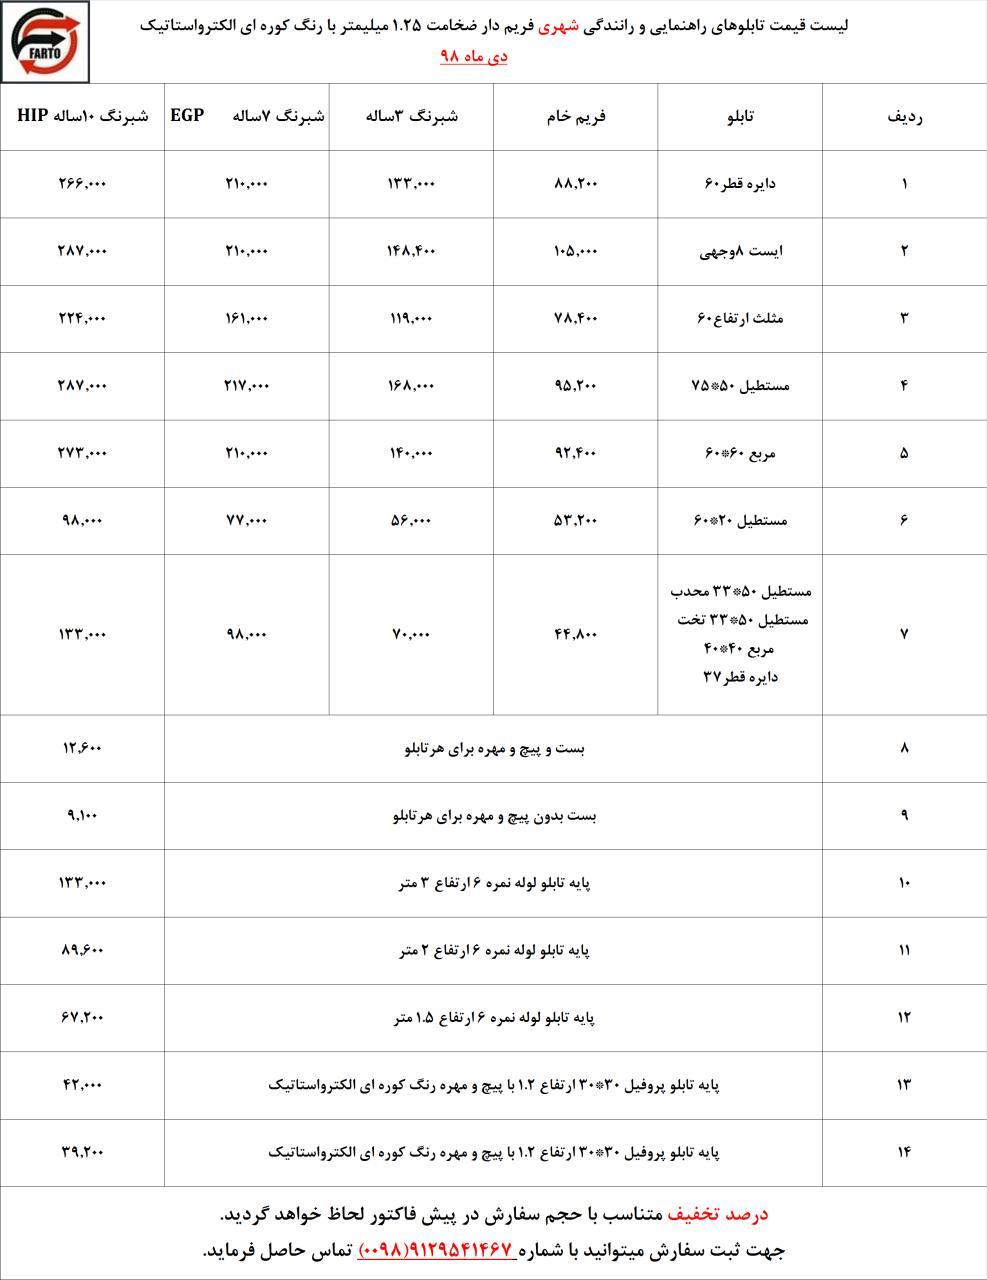 لیست قیمت علائم ترافیکی